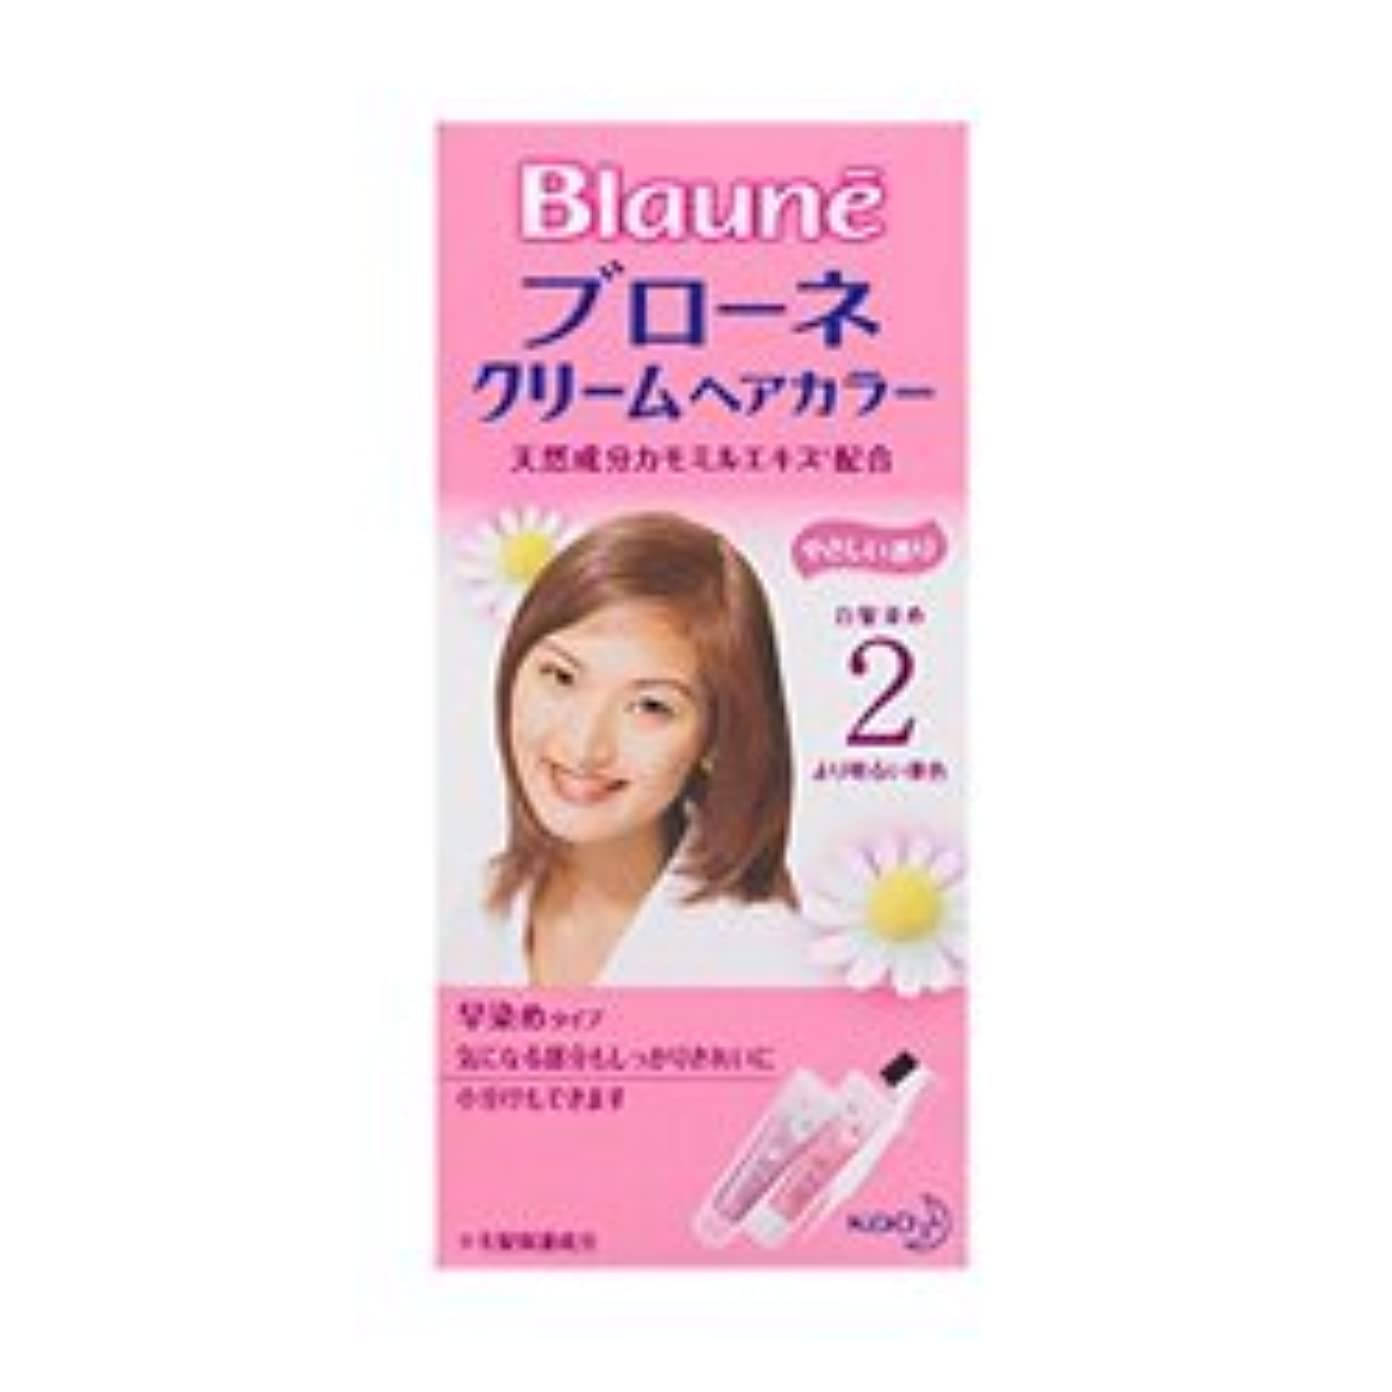 負四松明【花王】ブローネ クリームヘアカラー 2より明るい栗色 ×5個セット